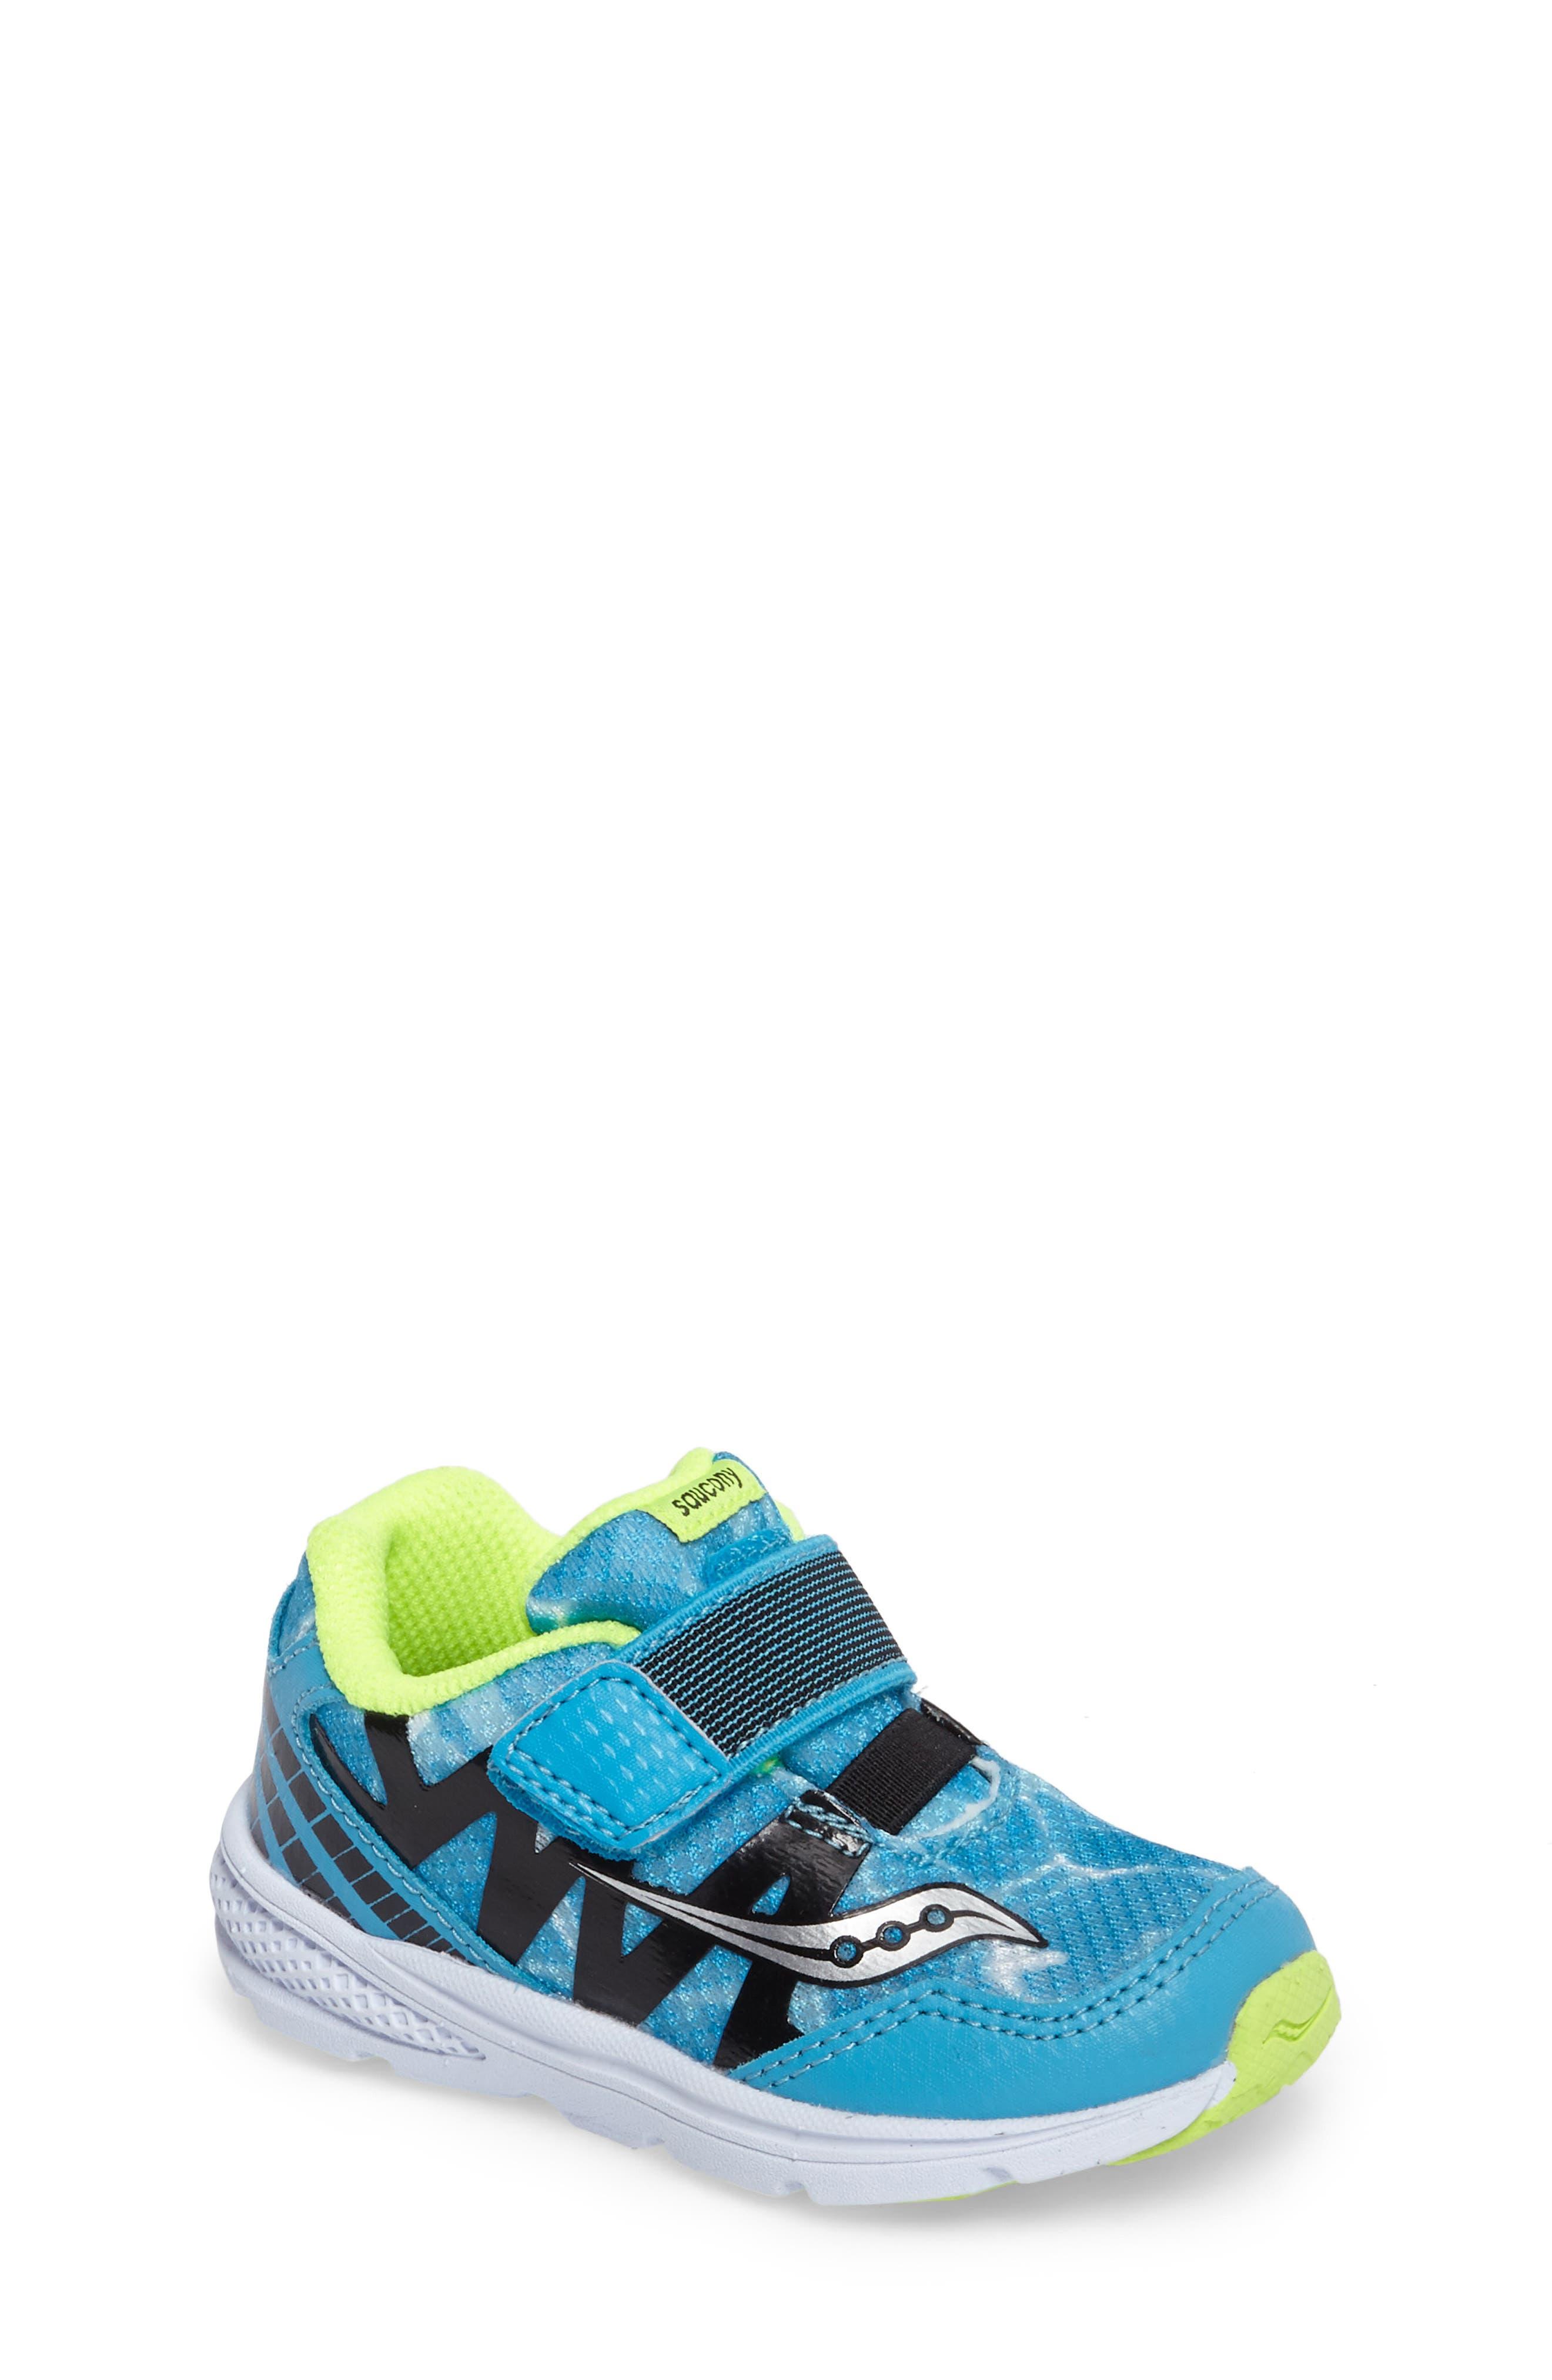 Saucony Baby Ride Pro Sneaker (Baby, Walker & Toddler)